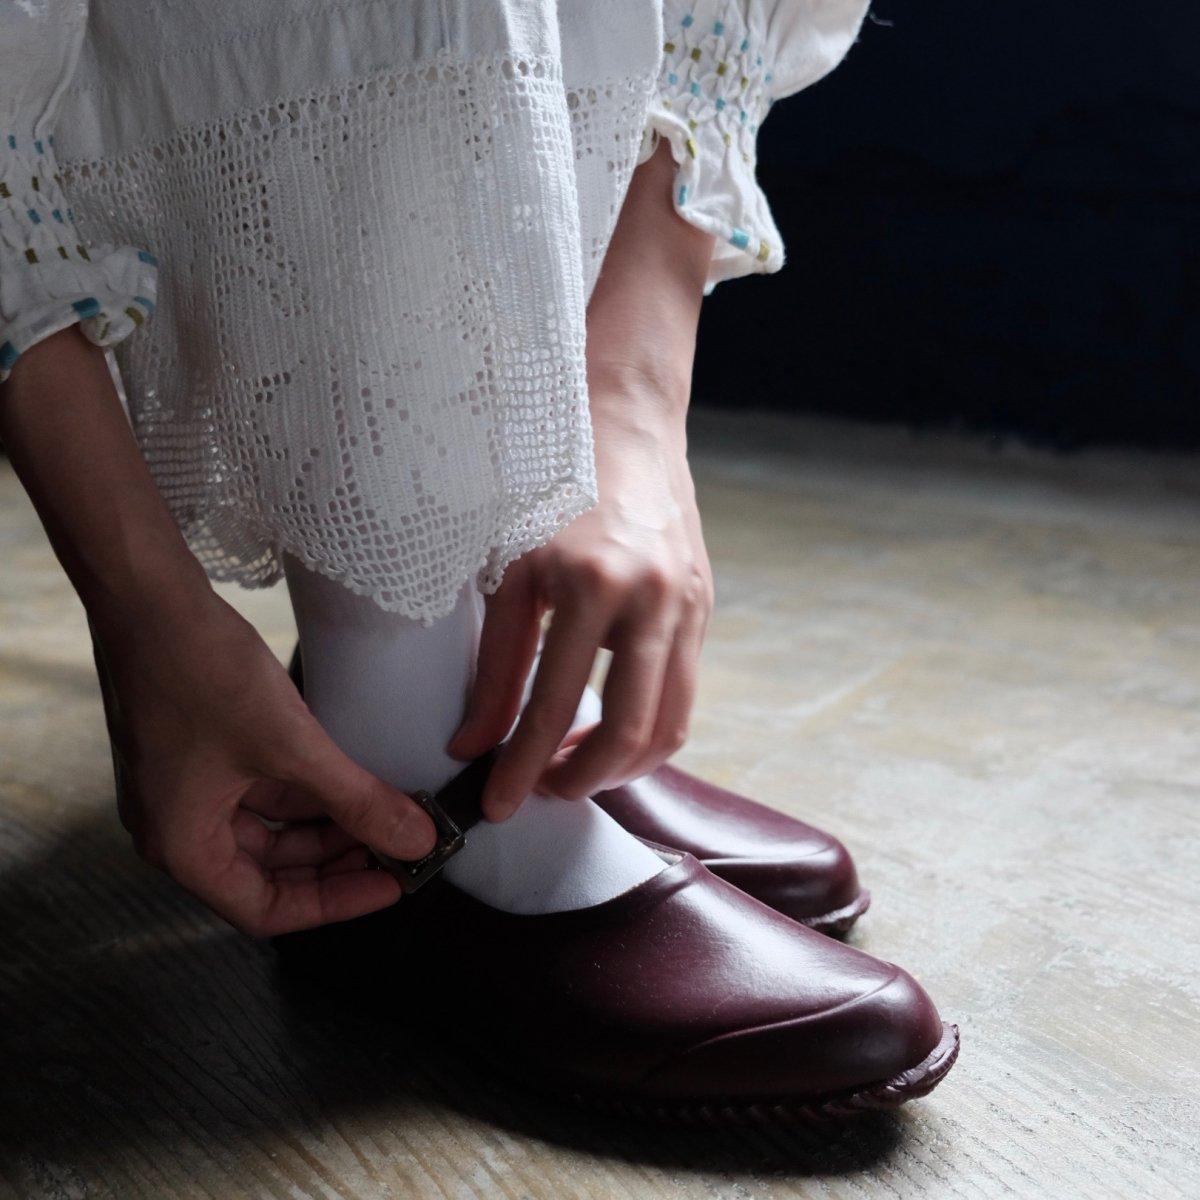 Strap Rubber Shoes BORDEAUX by OPANAK